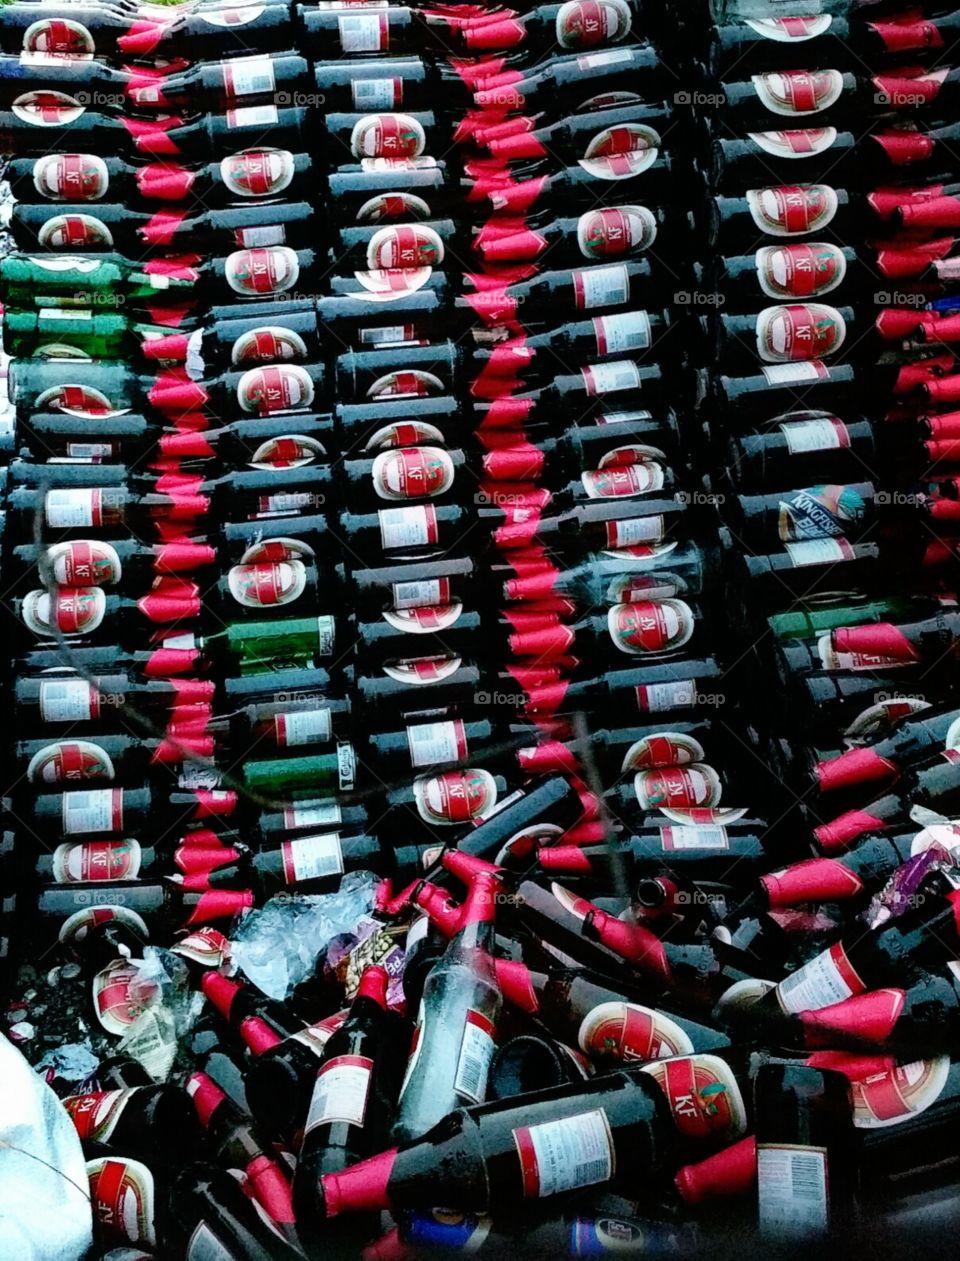 used beer bottles